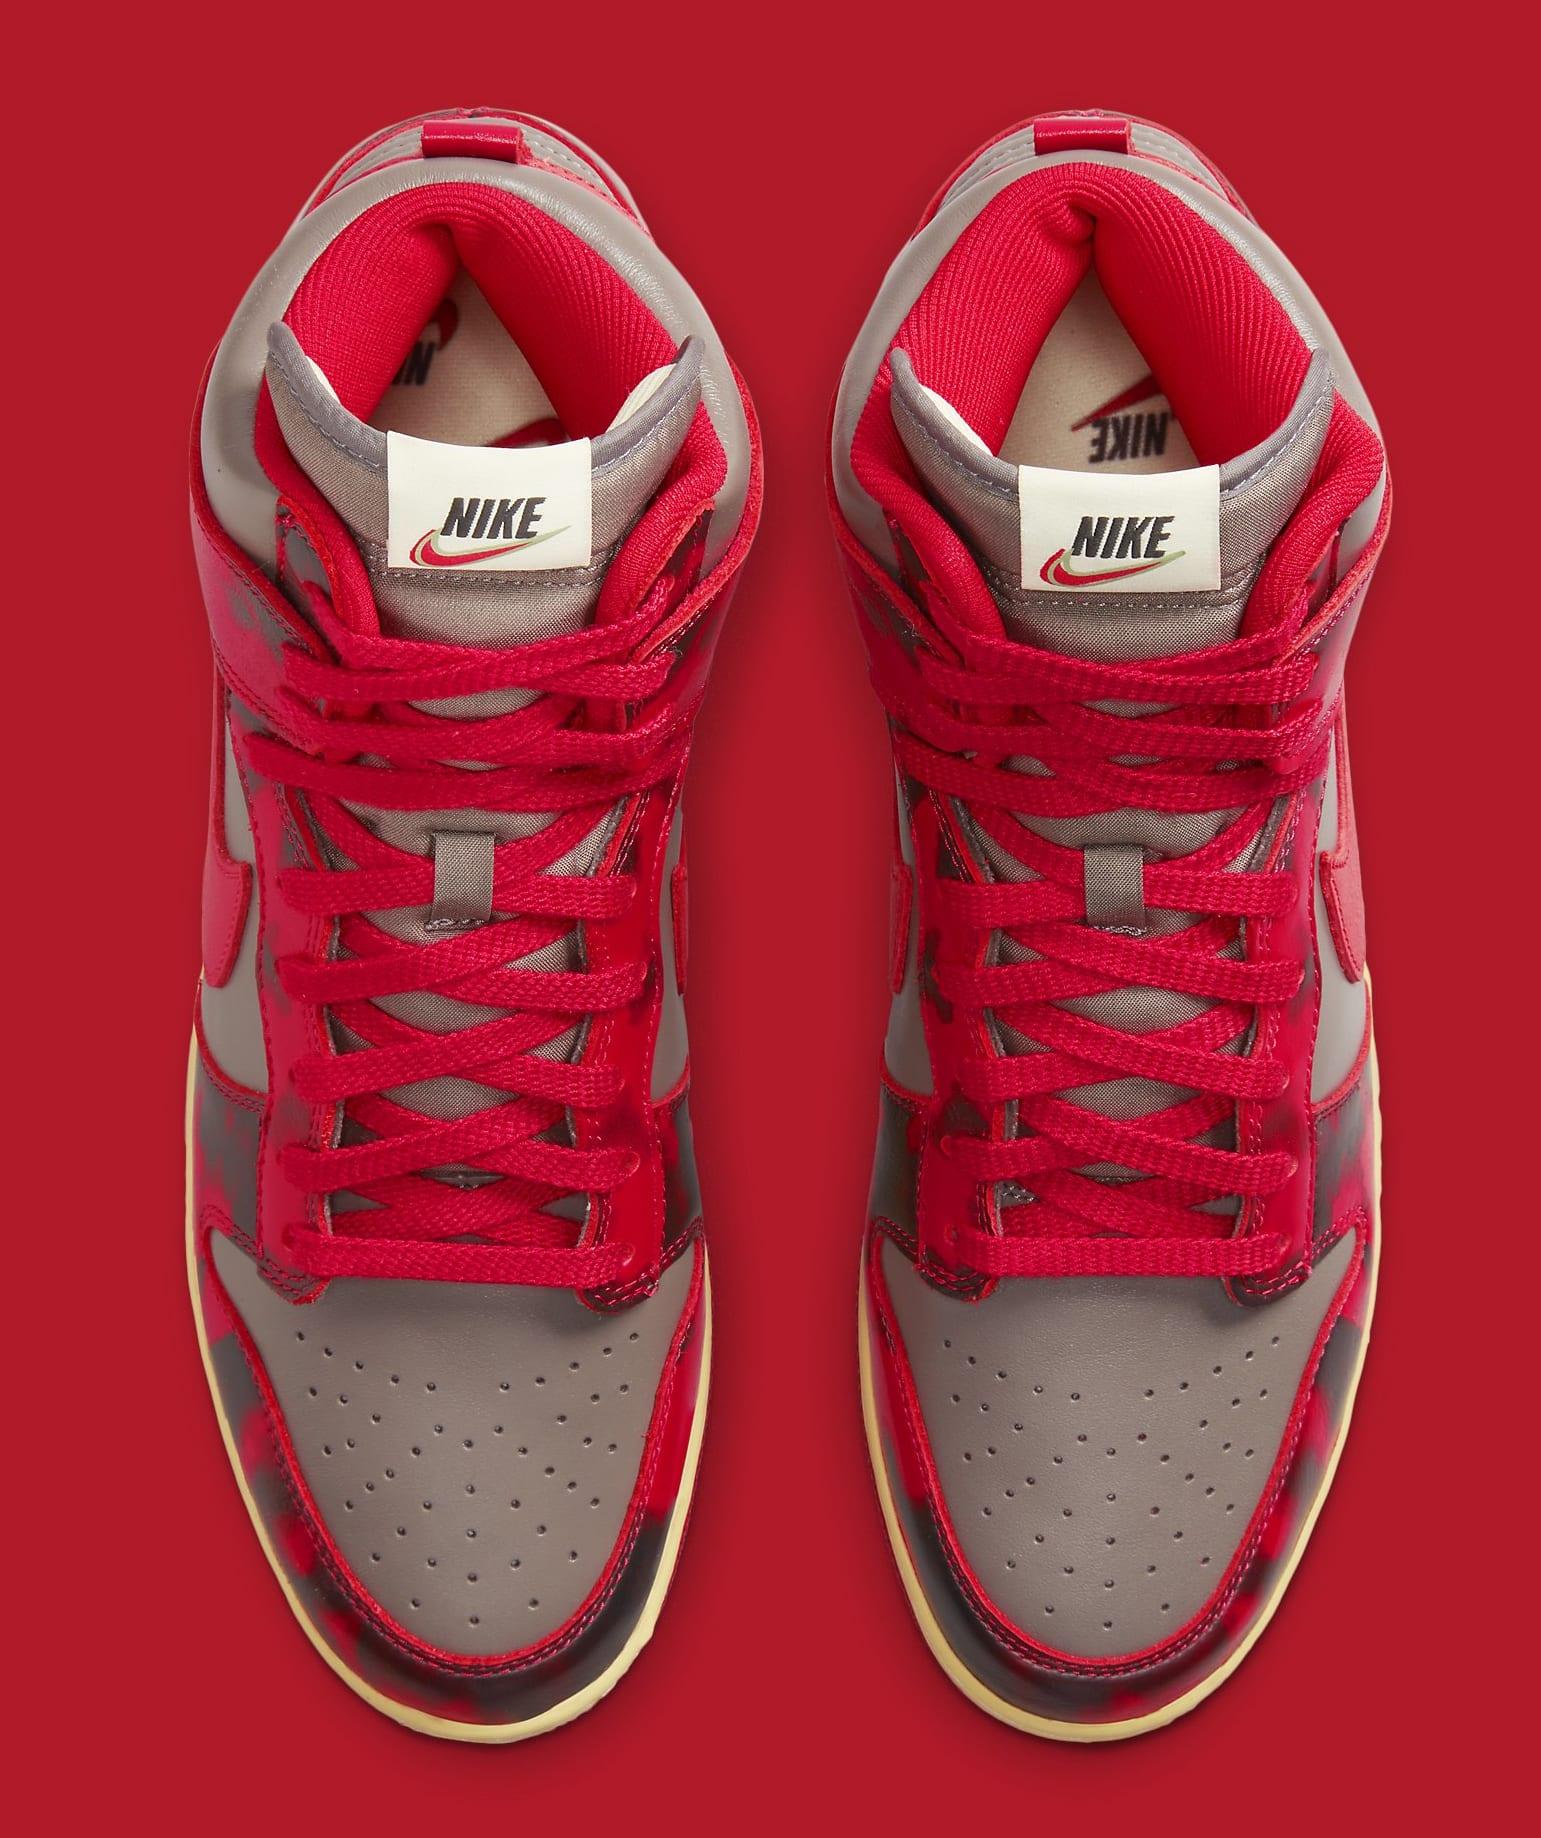 Nike Dunk High 'Acid Wash' DD9404-600 Top